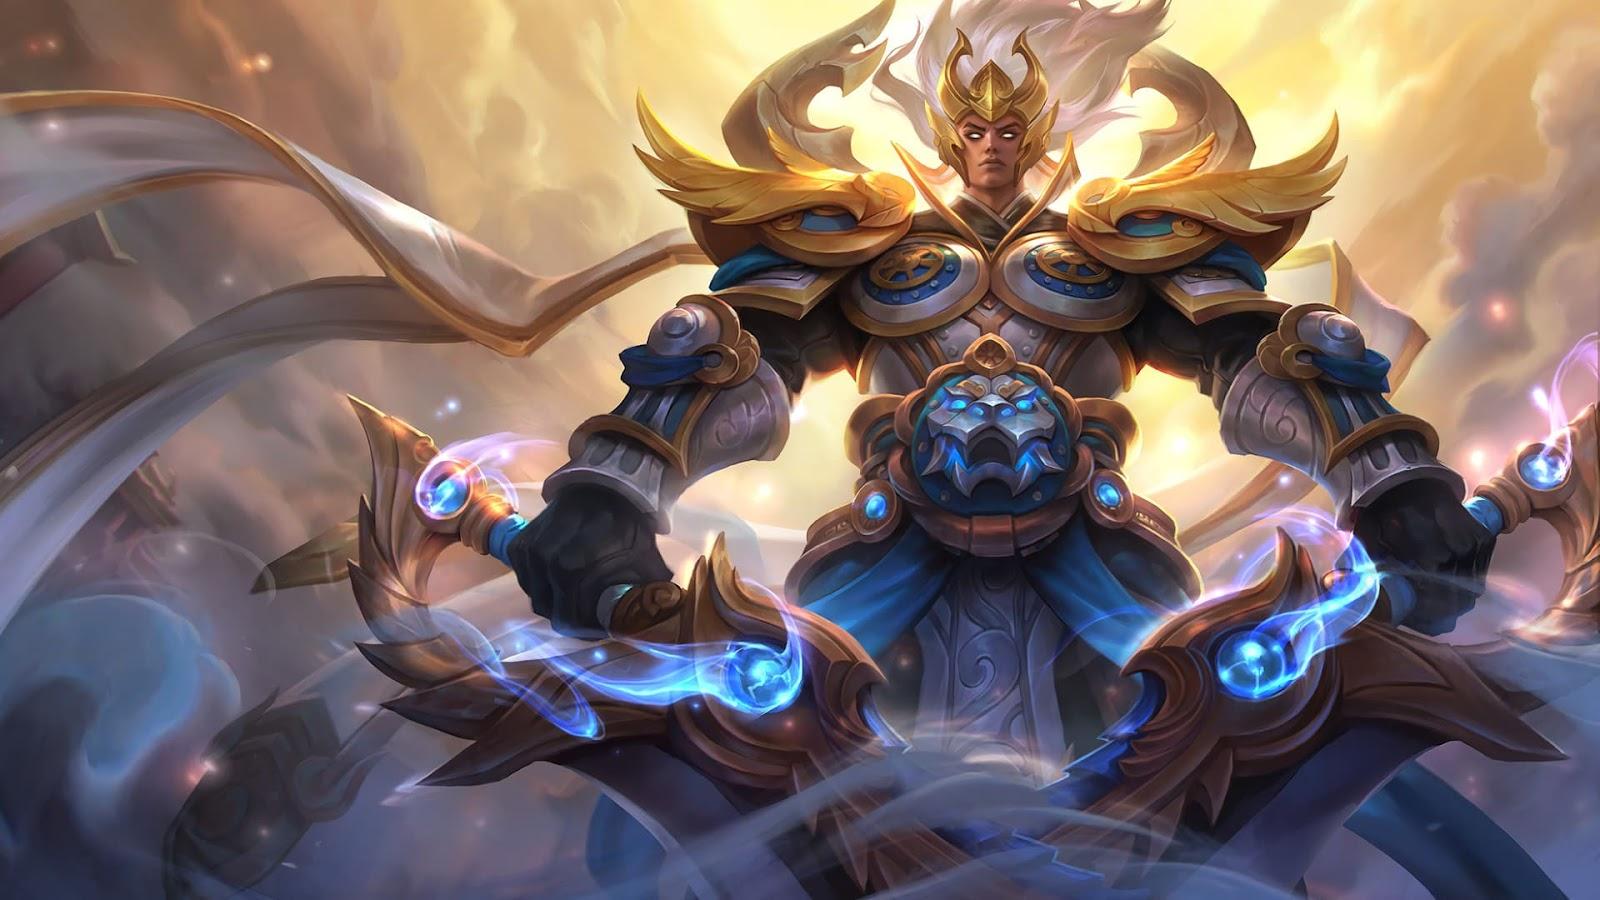 Wallpaper Martis God of War Skin Mobile Legends HD for PC